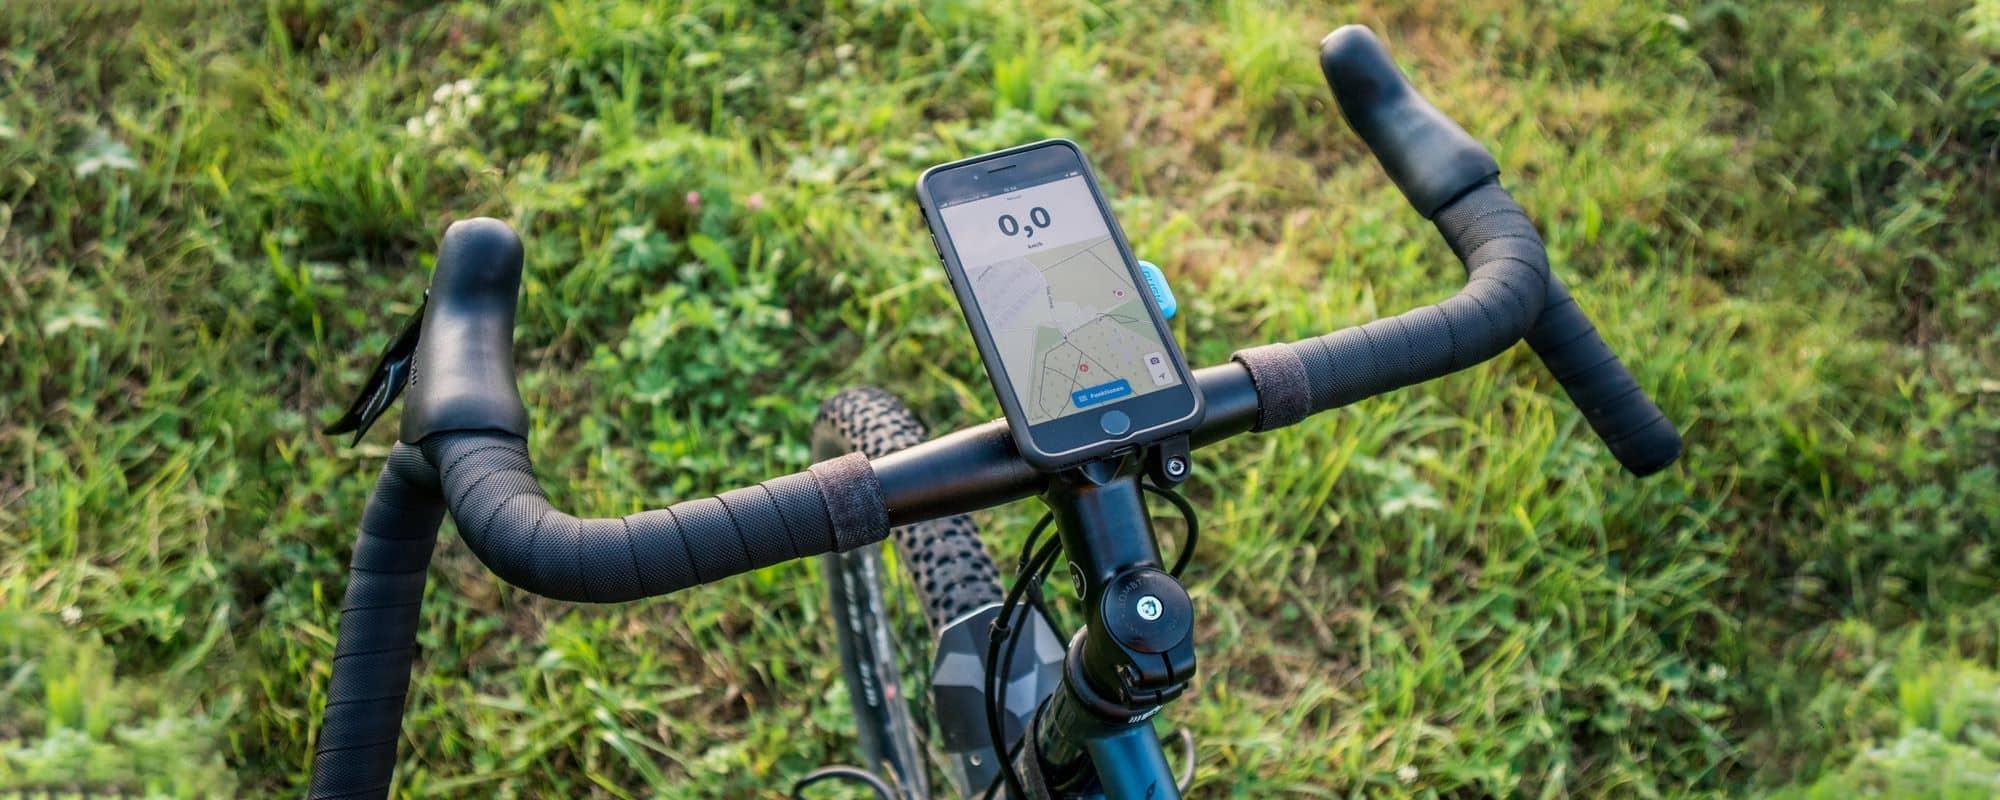 Quad Lock Handyhalter & Bike Kit im Praxistest - die beste Fahrrad Handyhalterung?